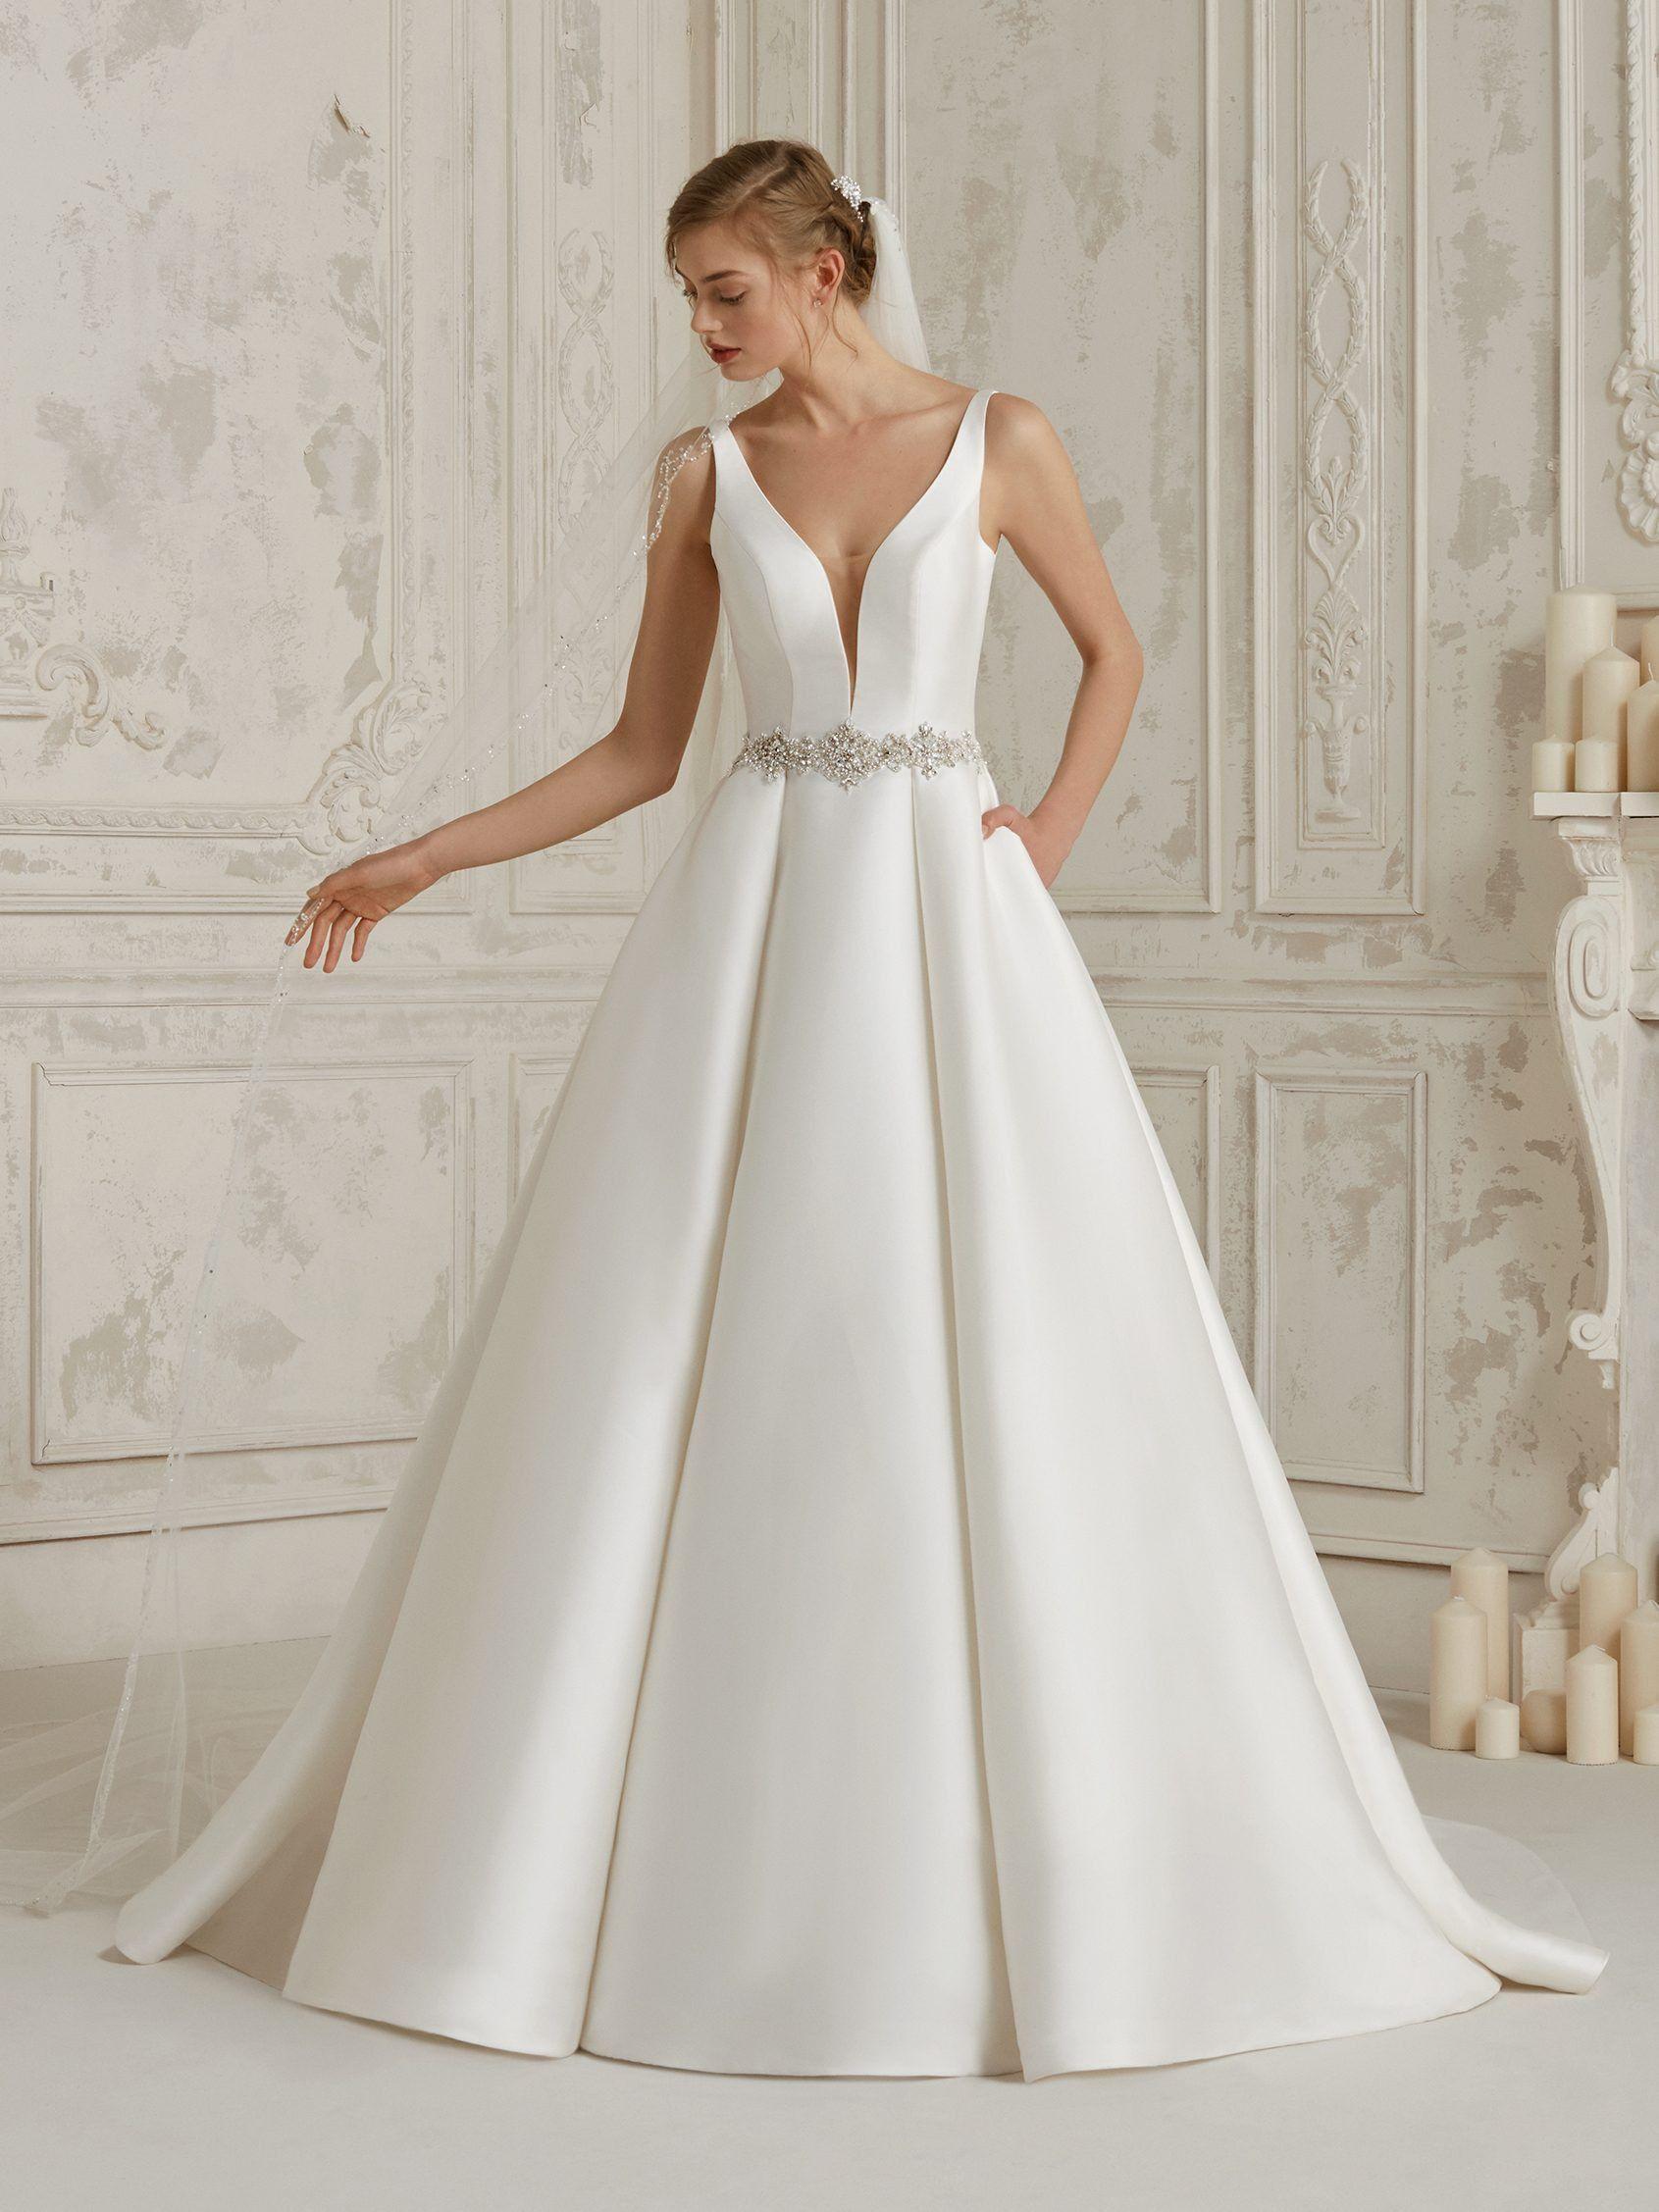 56bcee279c El clasicismo más elegante y sensual se hace vestido con esta maravillosa  propuesta princesa en mikado